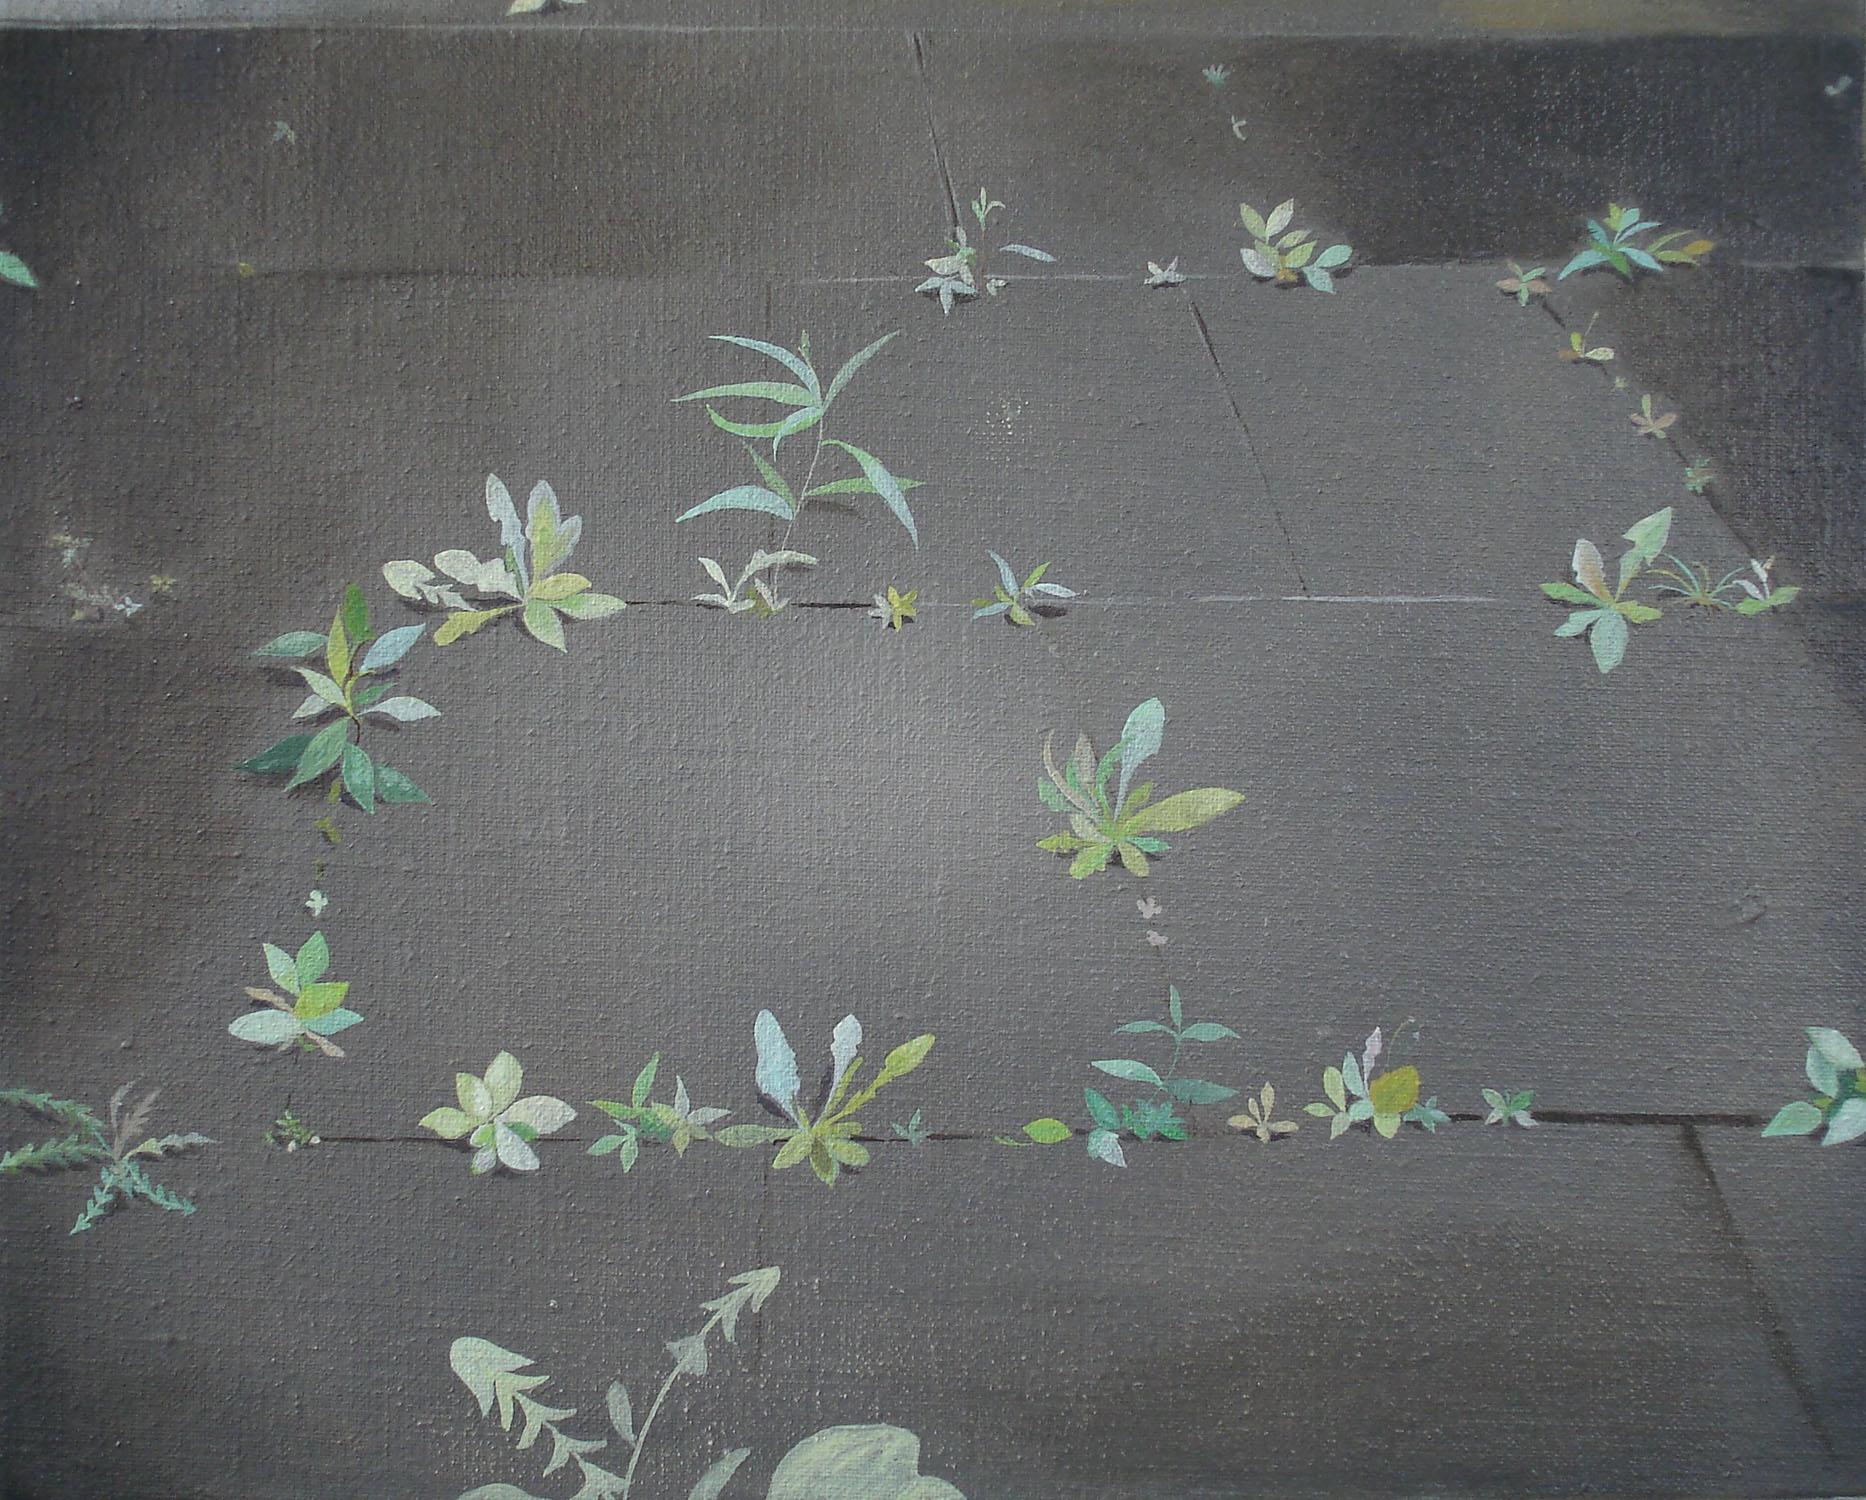 Birdseed    2005, oil on canvas, 24 x 30cm